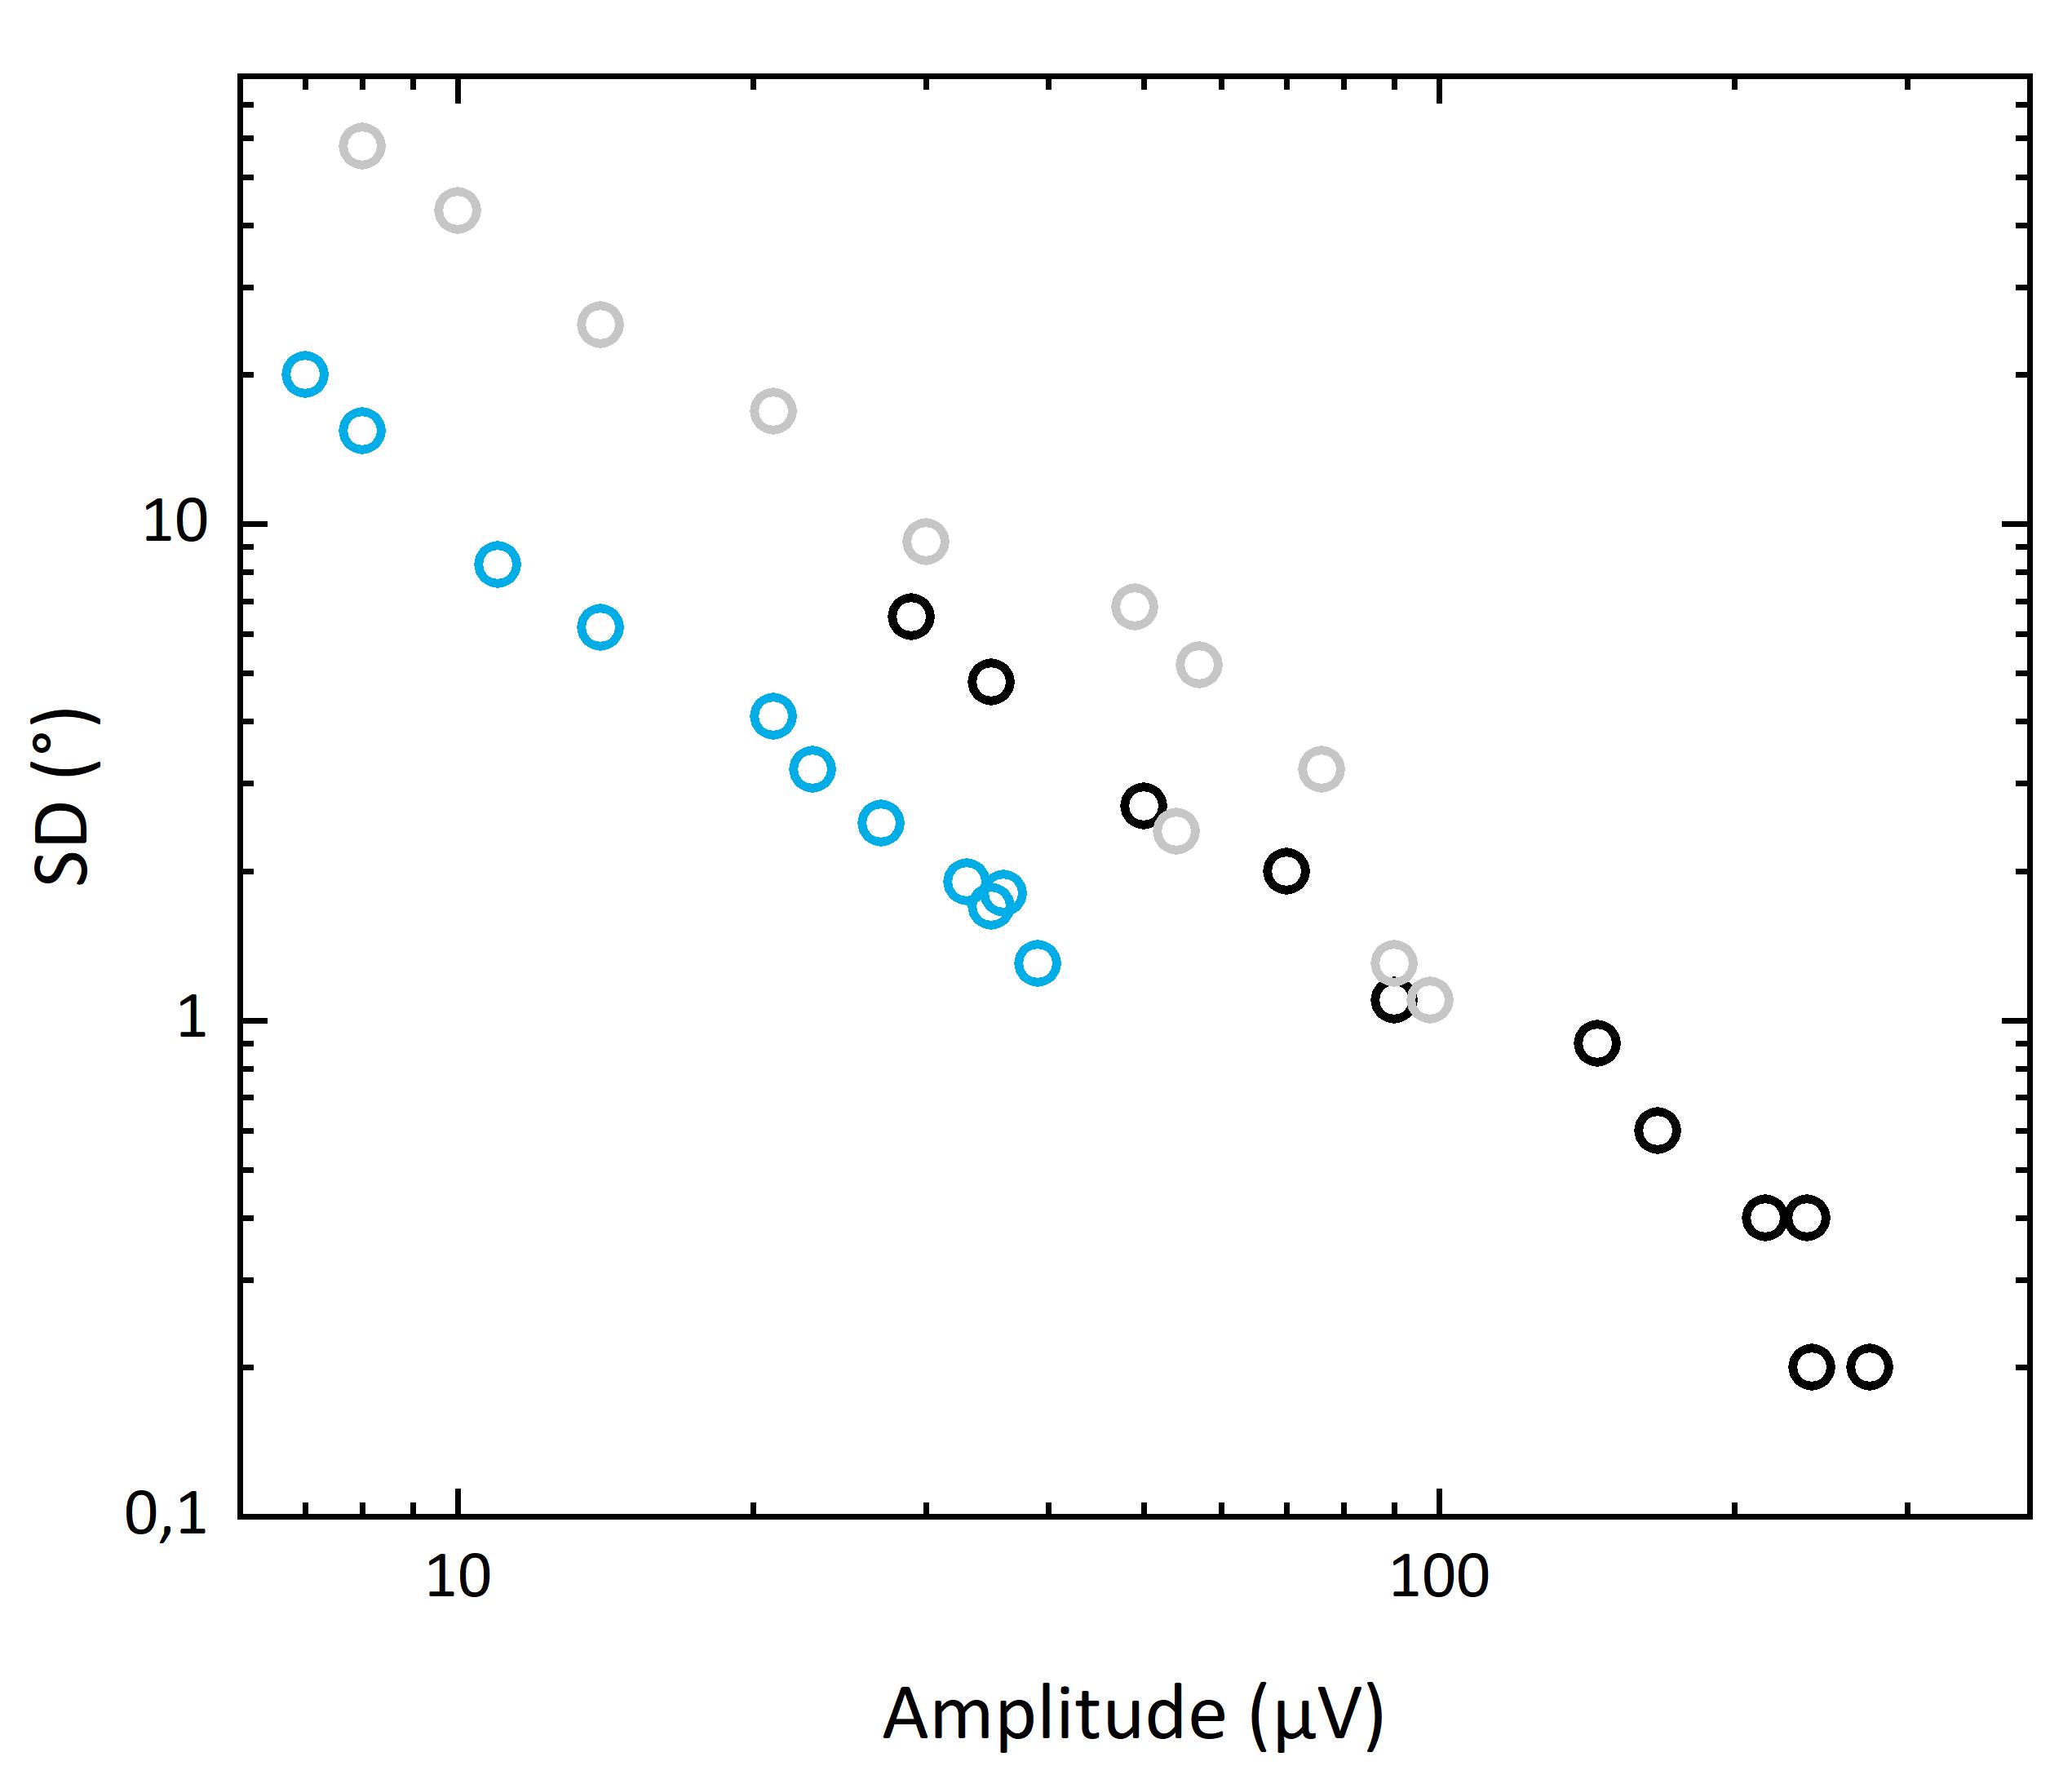 Anhängigkeit der Standardabweichung von der Amplitude